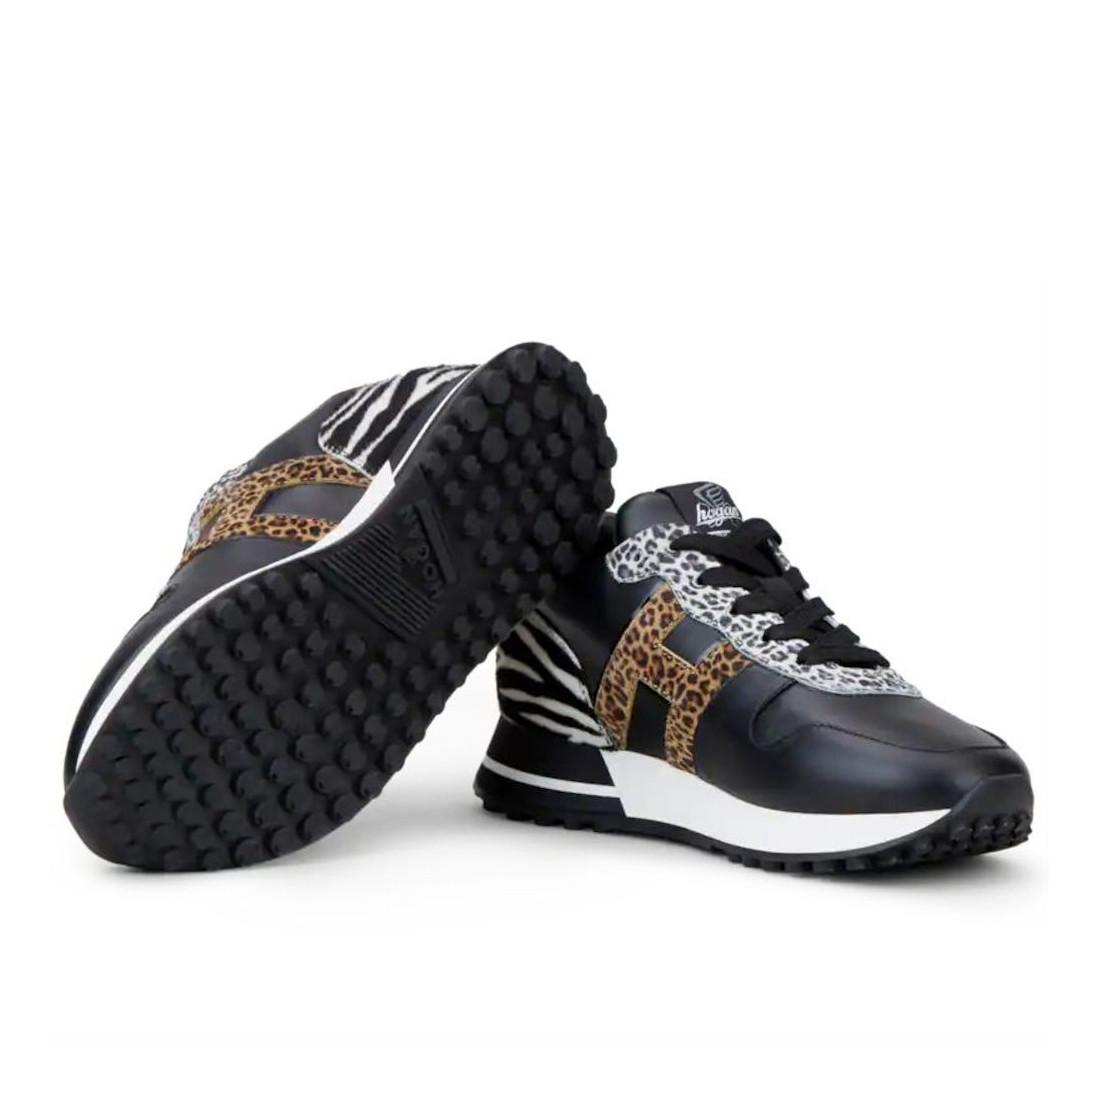 sneakers damen hogan hxw3830cr00o8b0psa 7577